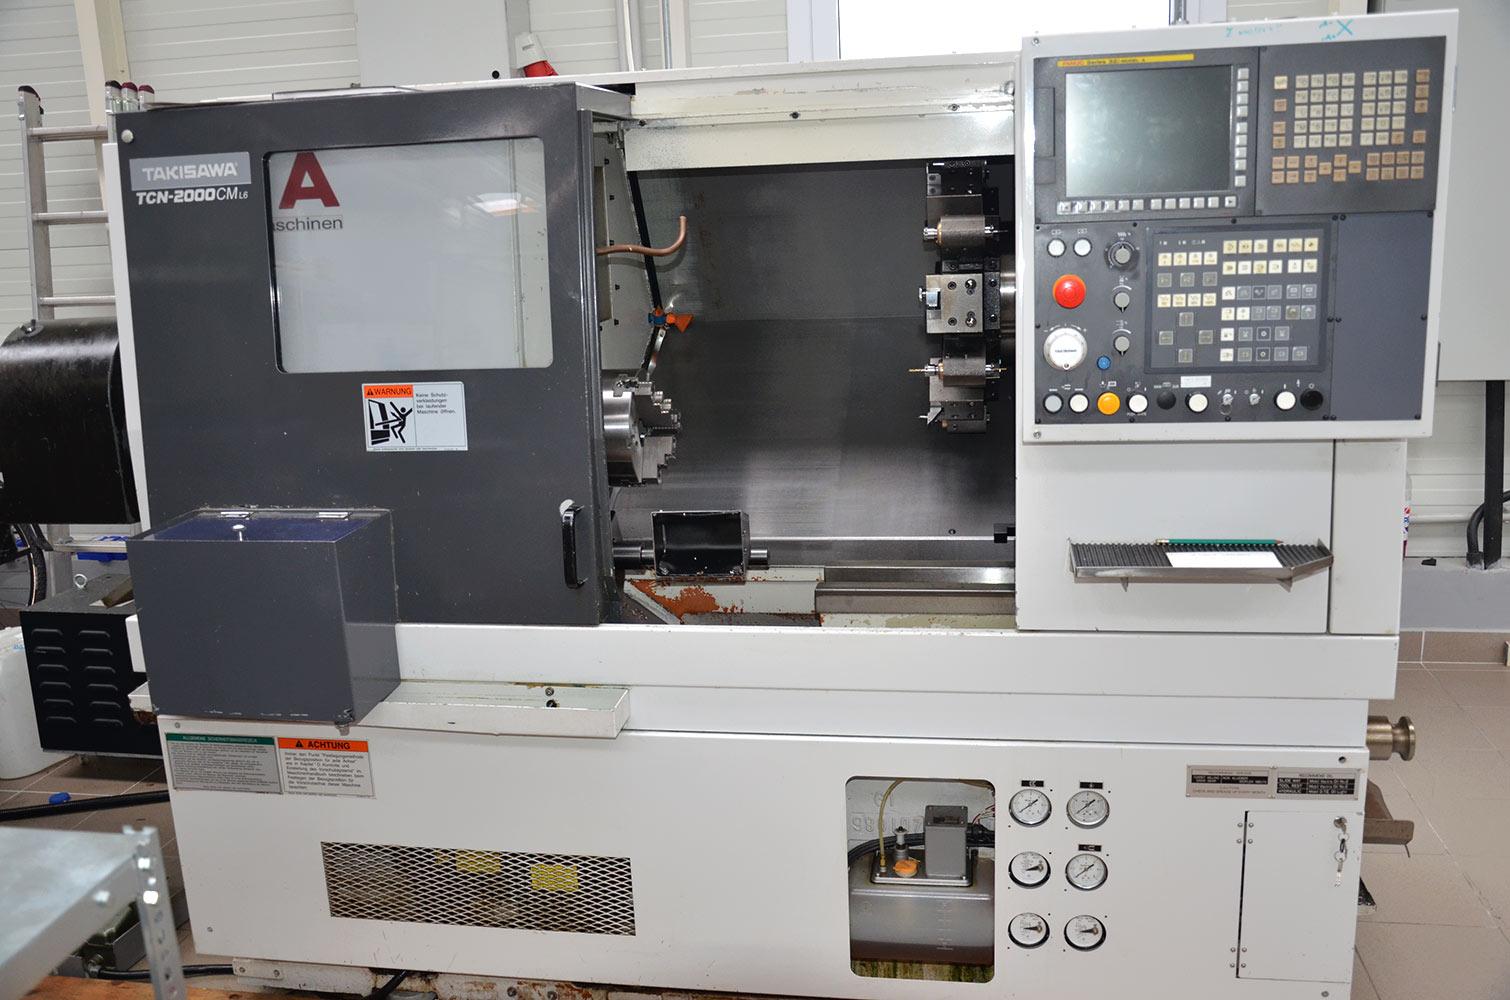 Takisawa TCN2000 CM L6 CNC